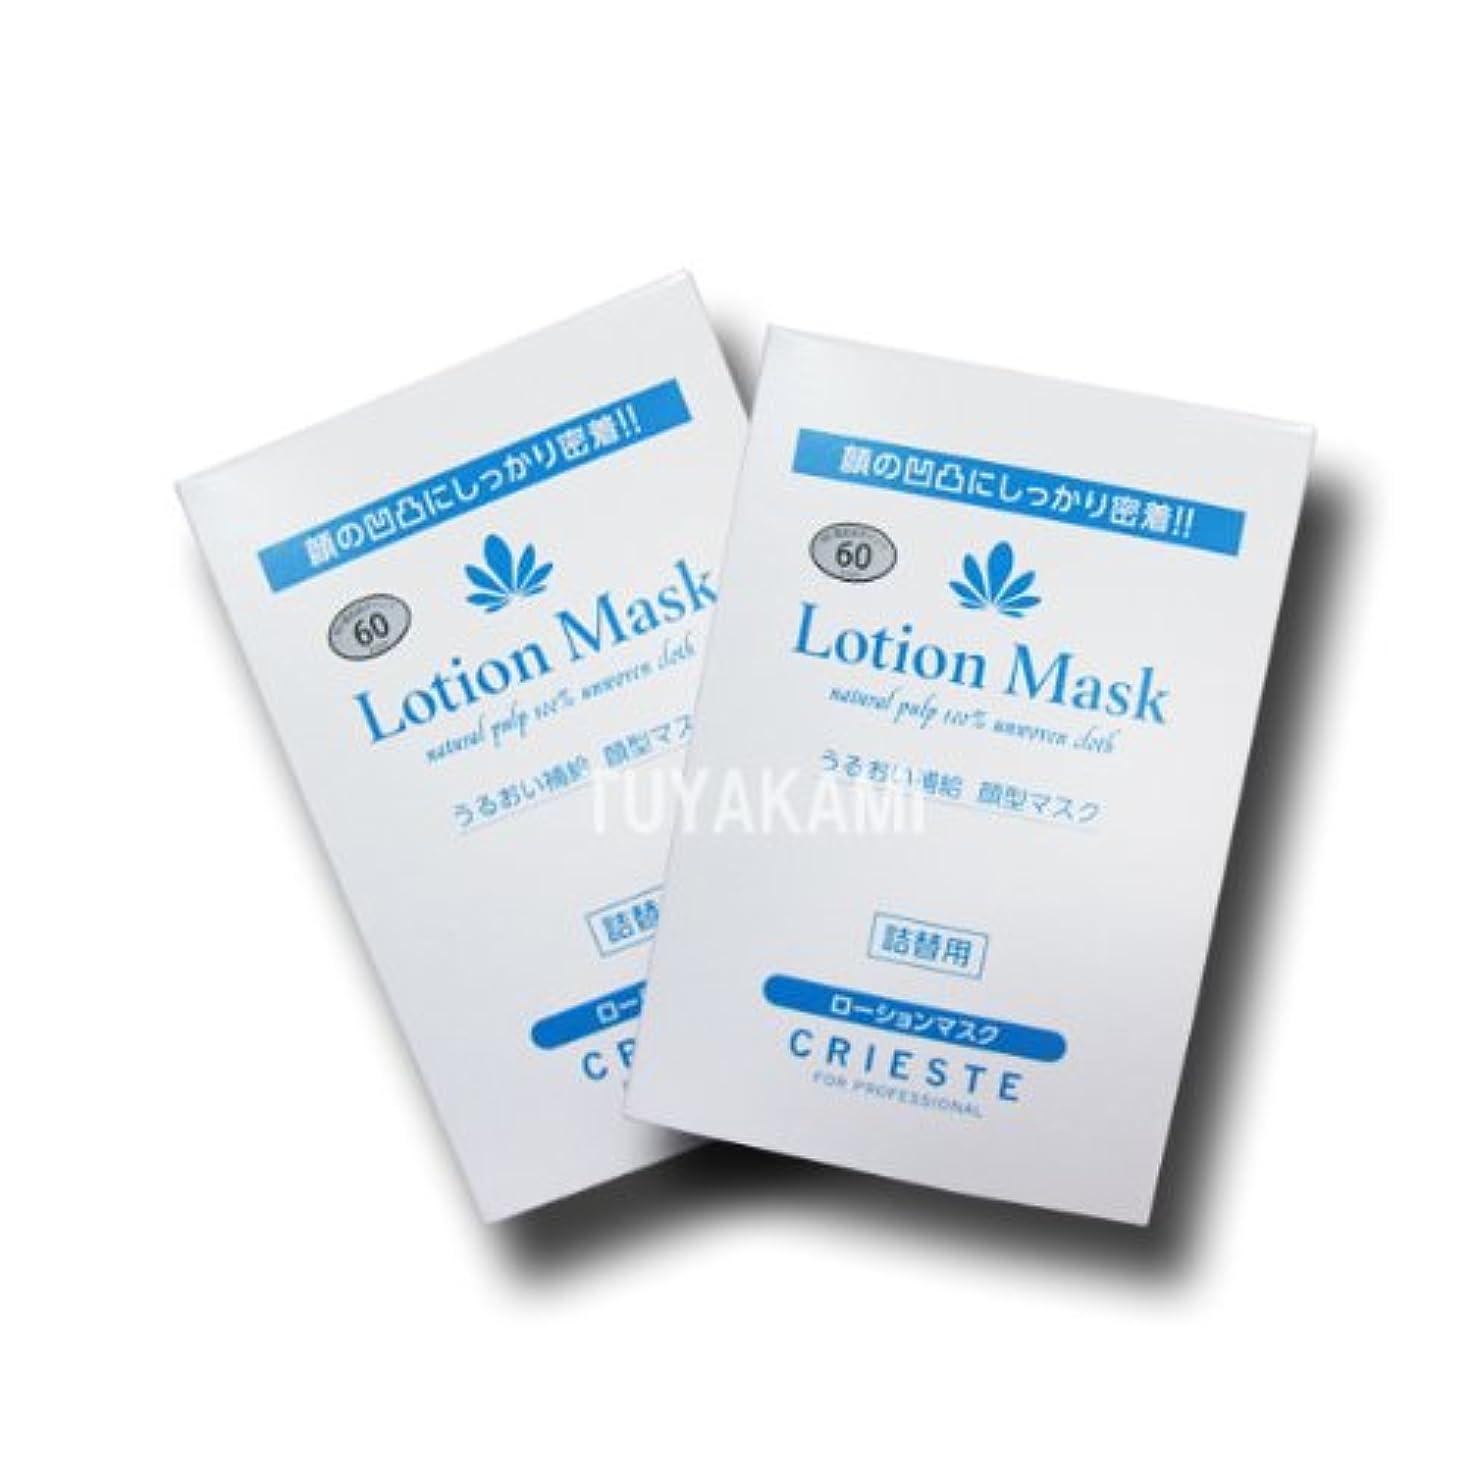 黒稚魚請うクリエステ ローションマスク 詰替用 150コ入×2個